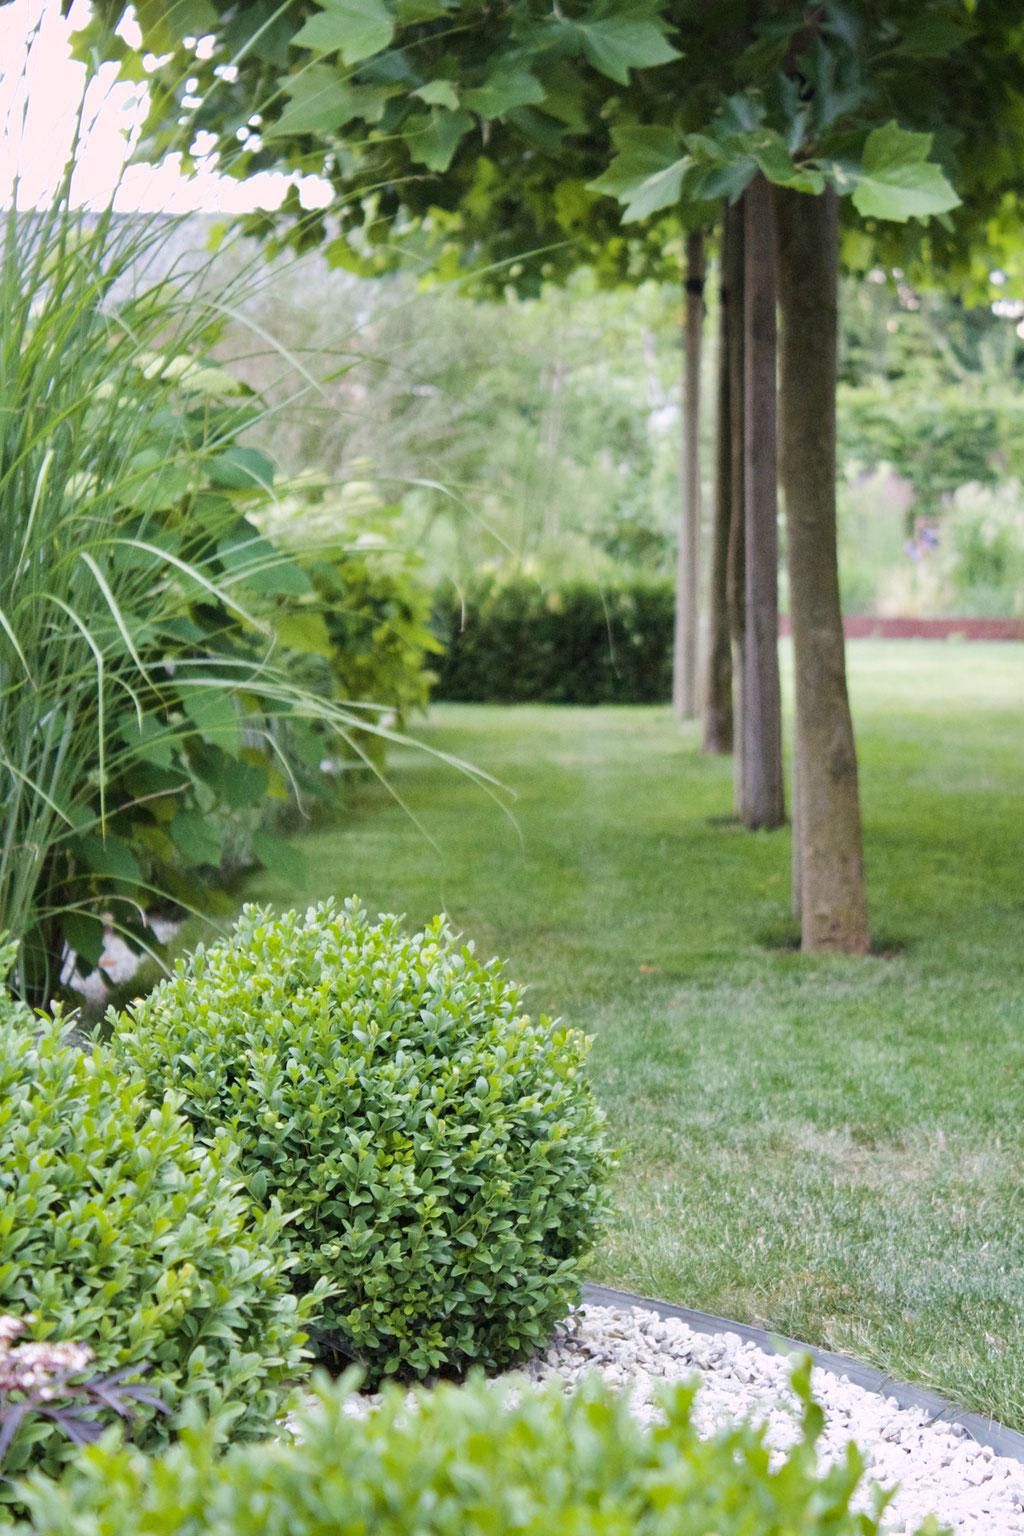 dieartigeGARTEN - Südgarten im Sommer - mit Schatten unter Platanen | Buchs, Gräser